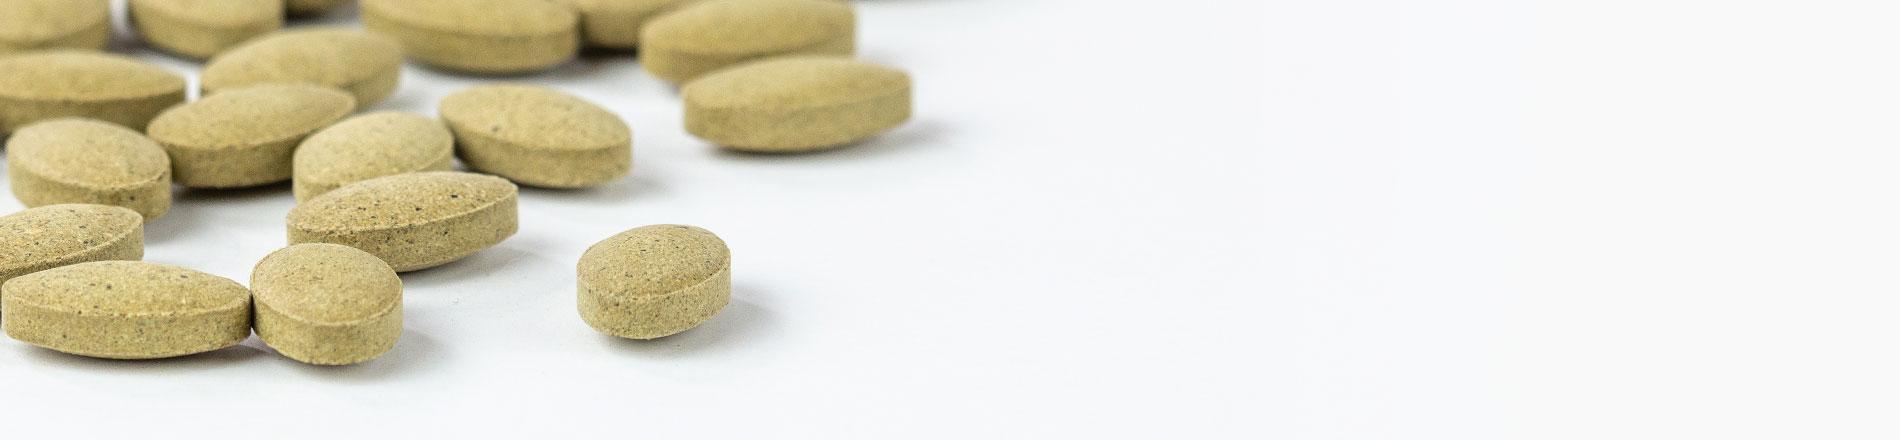 Kapha Digest tablets